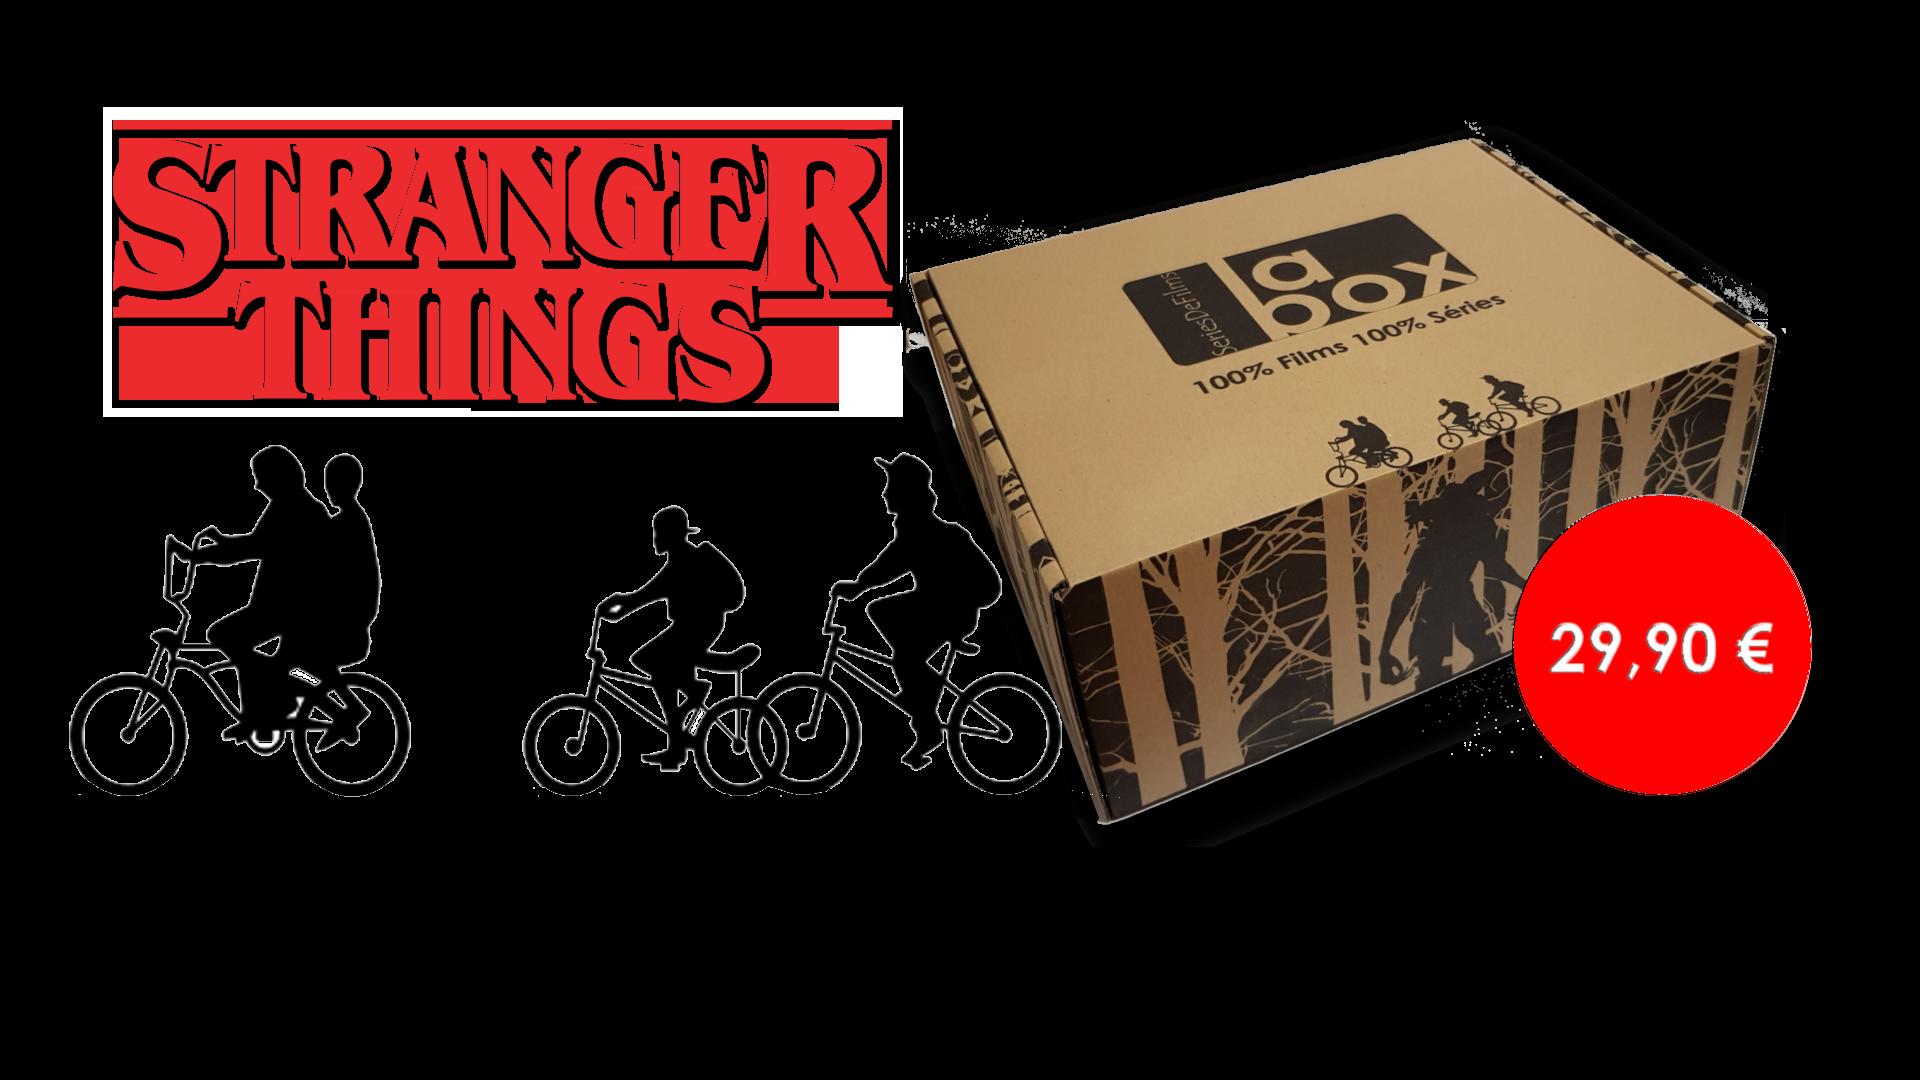 Bienvenue à Hawkins ! La première Box est consacrée à la série Netflix Stranger Things